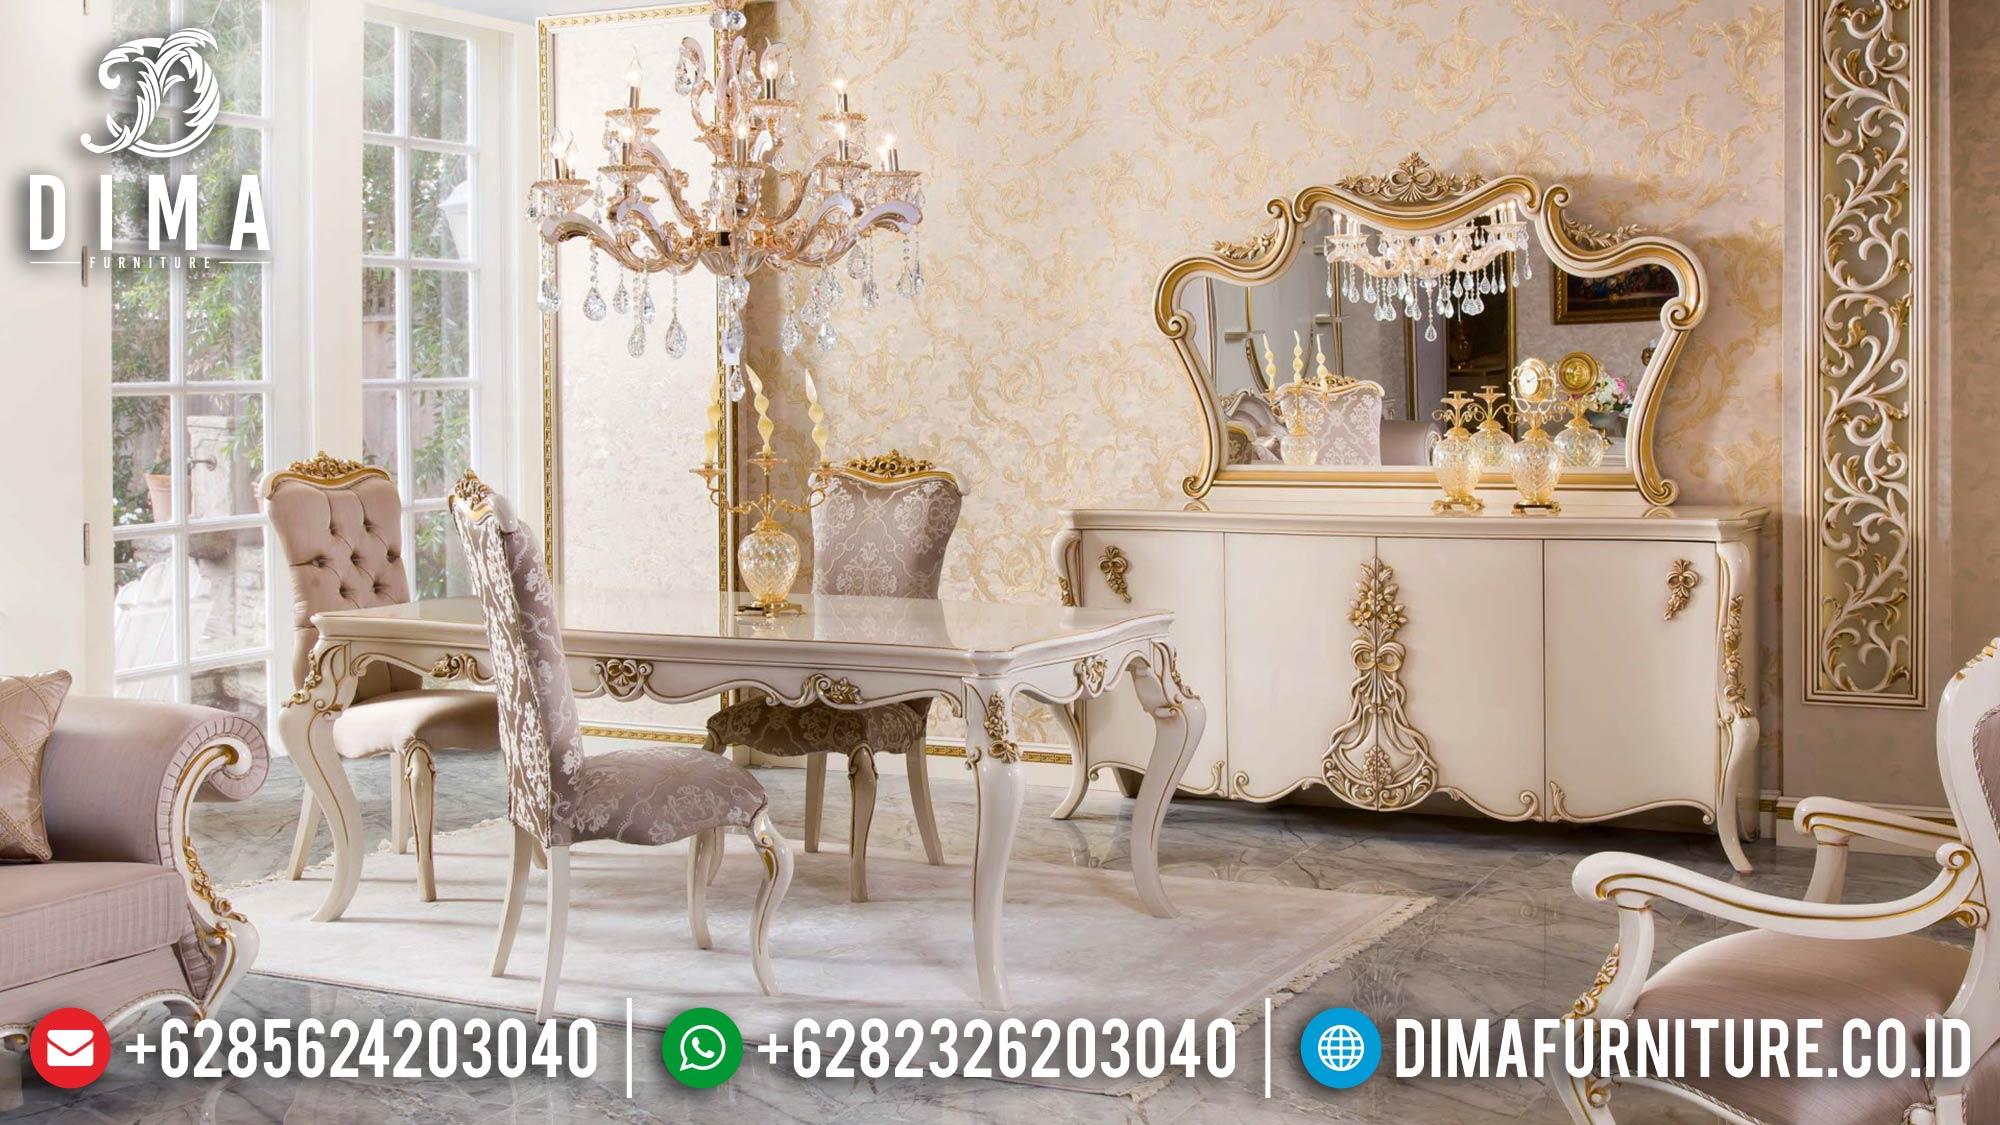 Jual Meja Makan Mewah Ukir Jepara Greatest Style Luxury Carving TTJ-1596